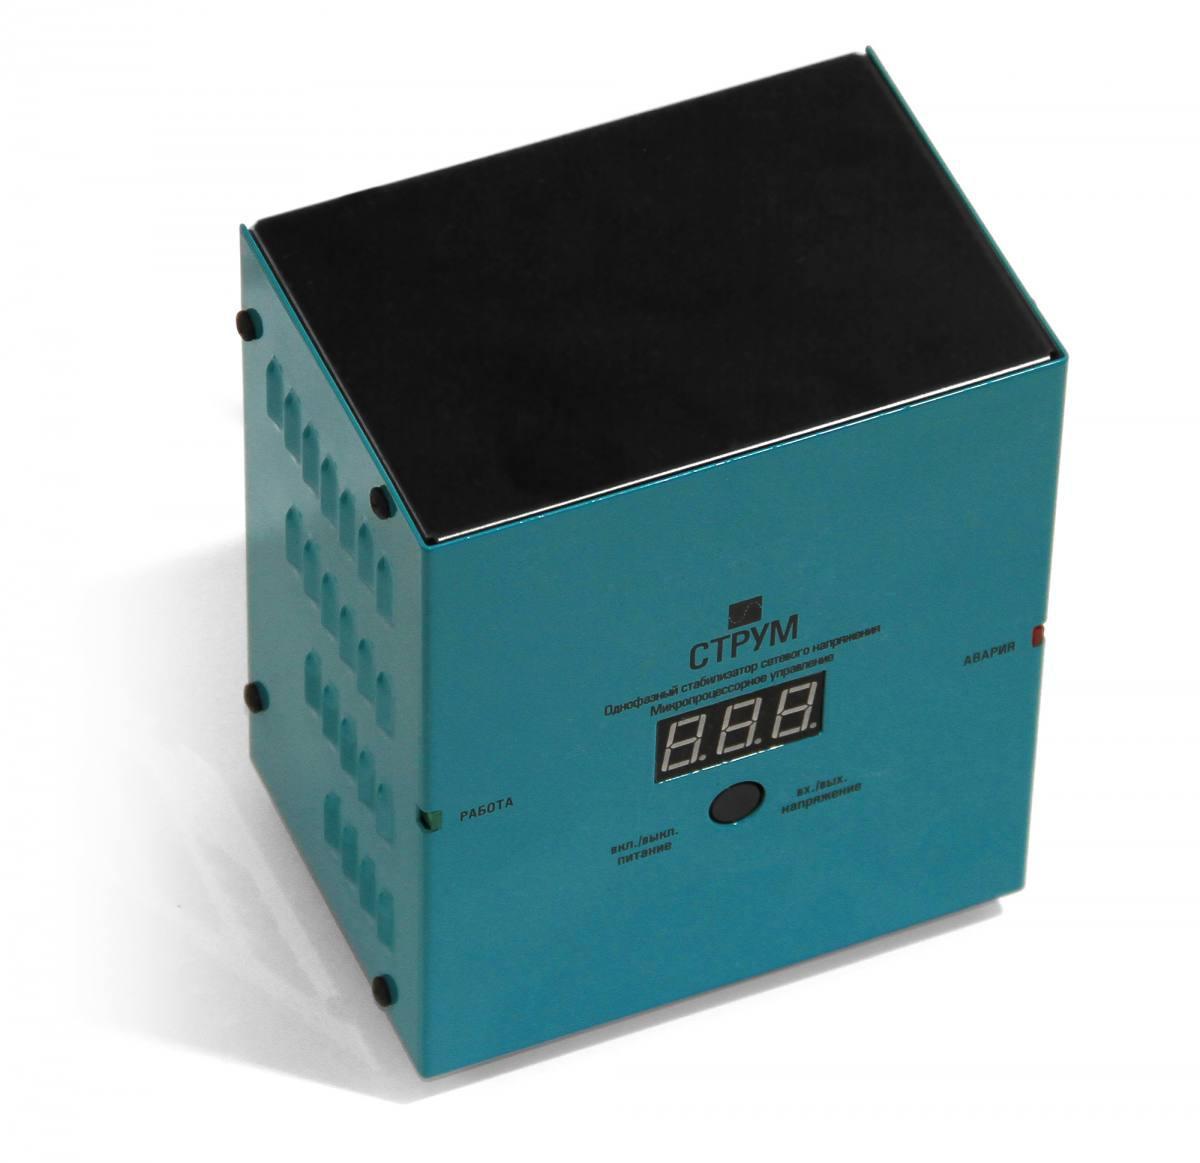 Стабилизатор напряжения Струм СтР-750 (0,75кВт) для Котла, холодильника, двигателей